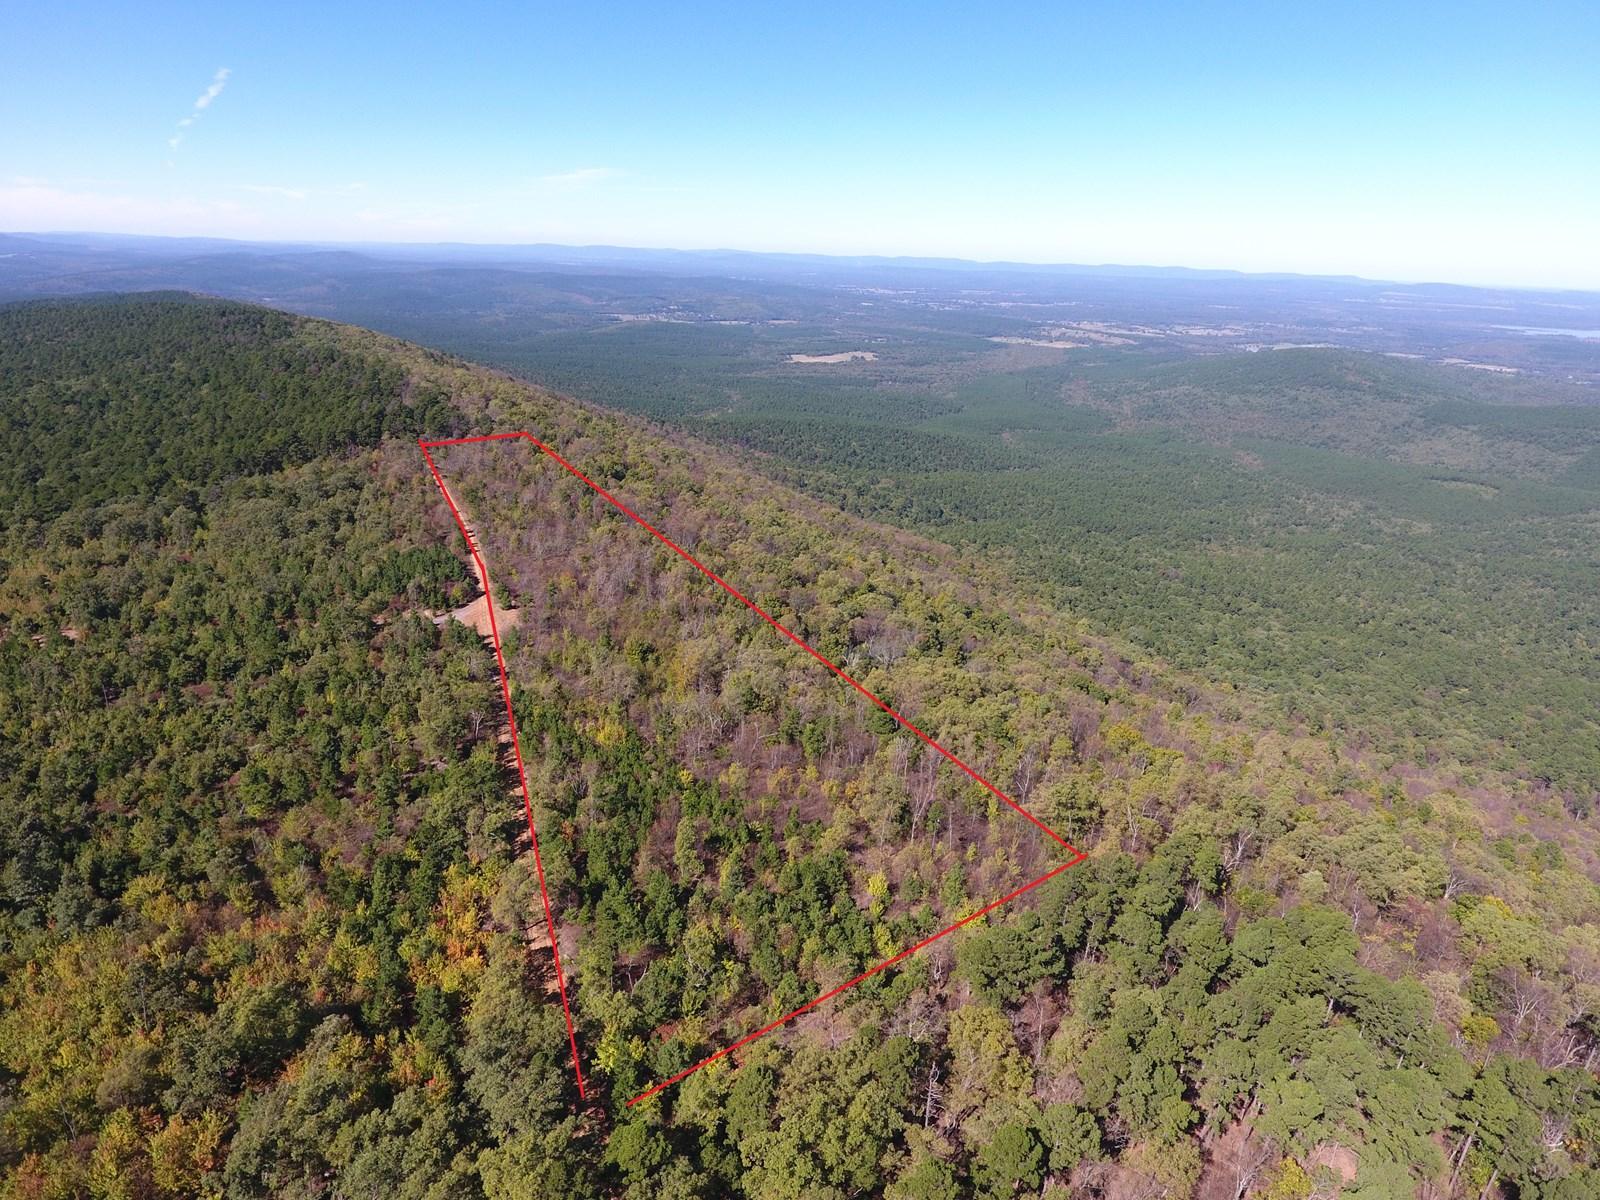 Blue Mountain Recreational Propert Adjoining National Forest